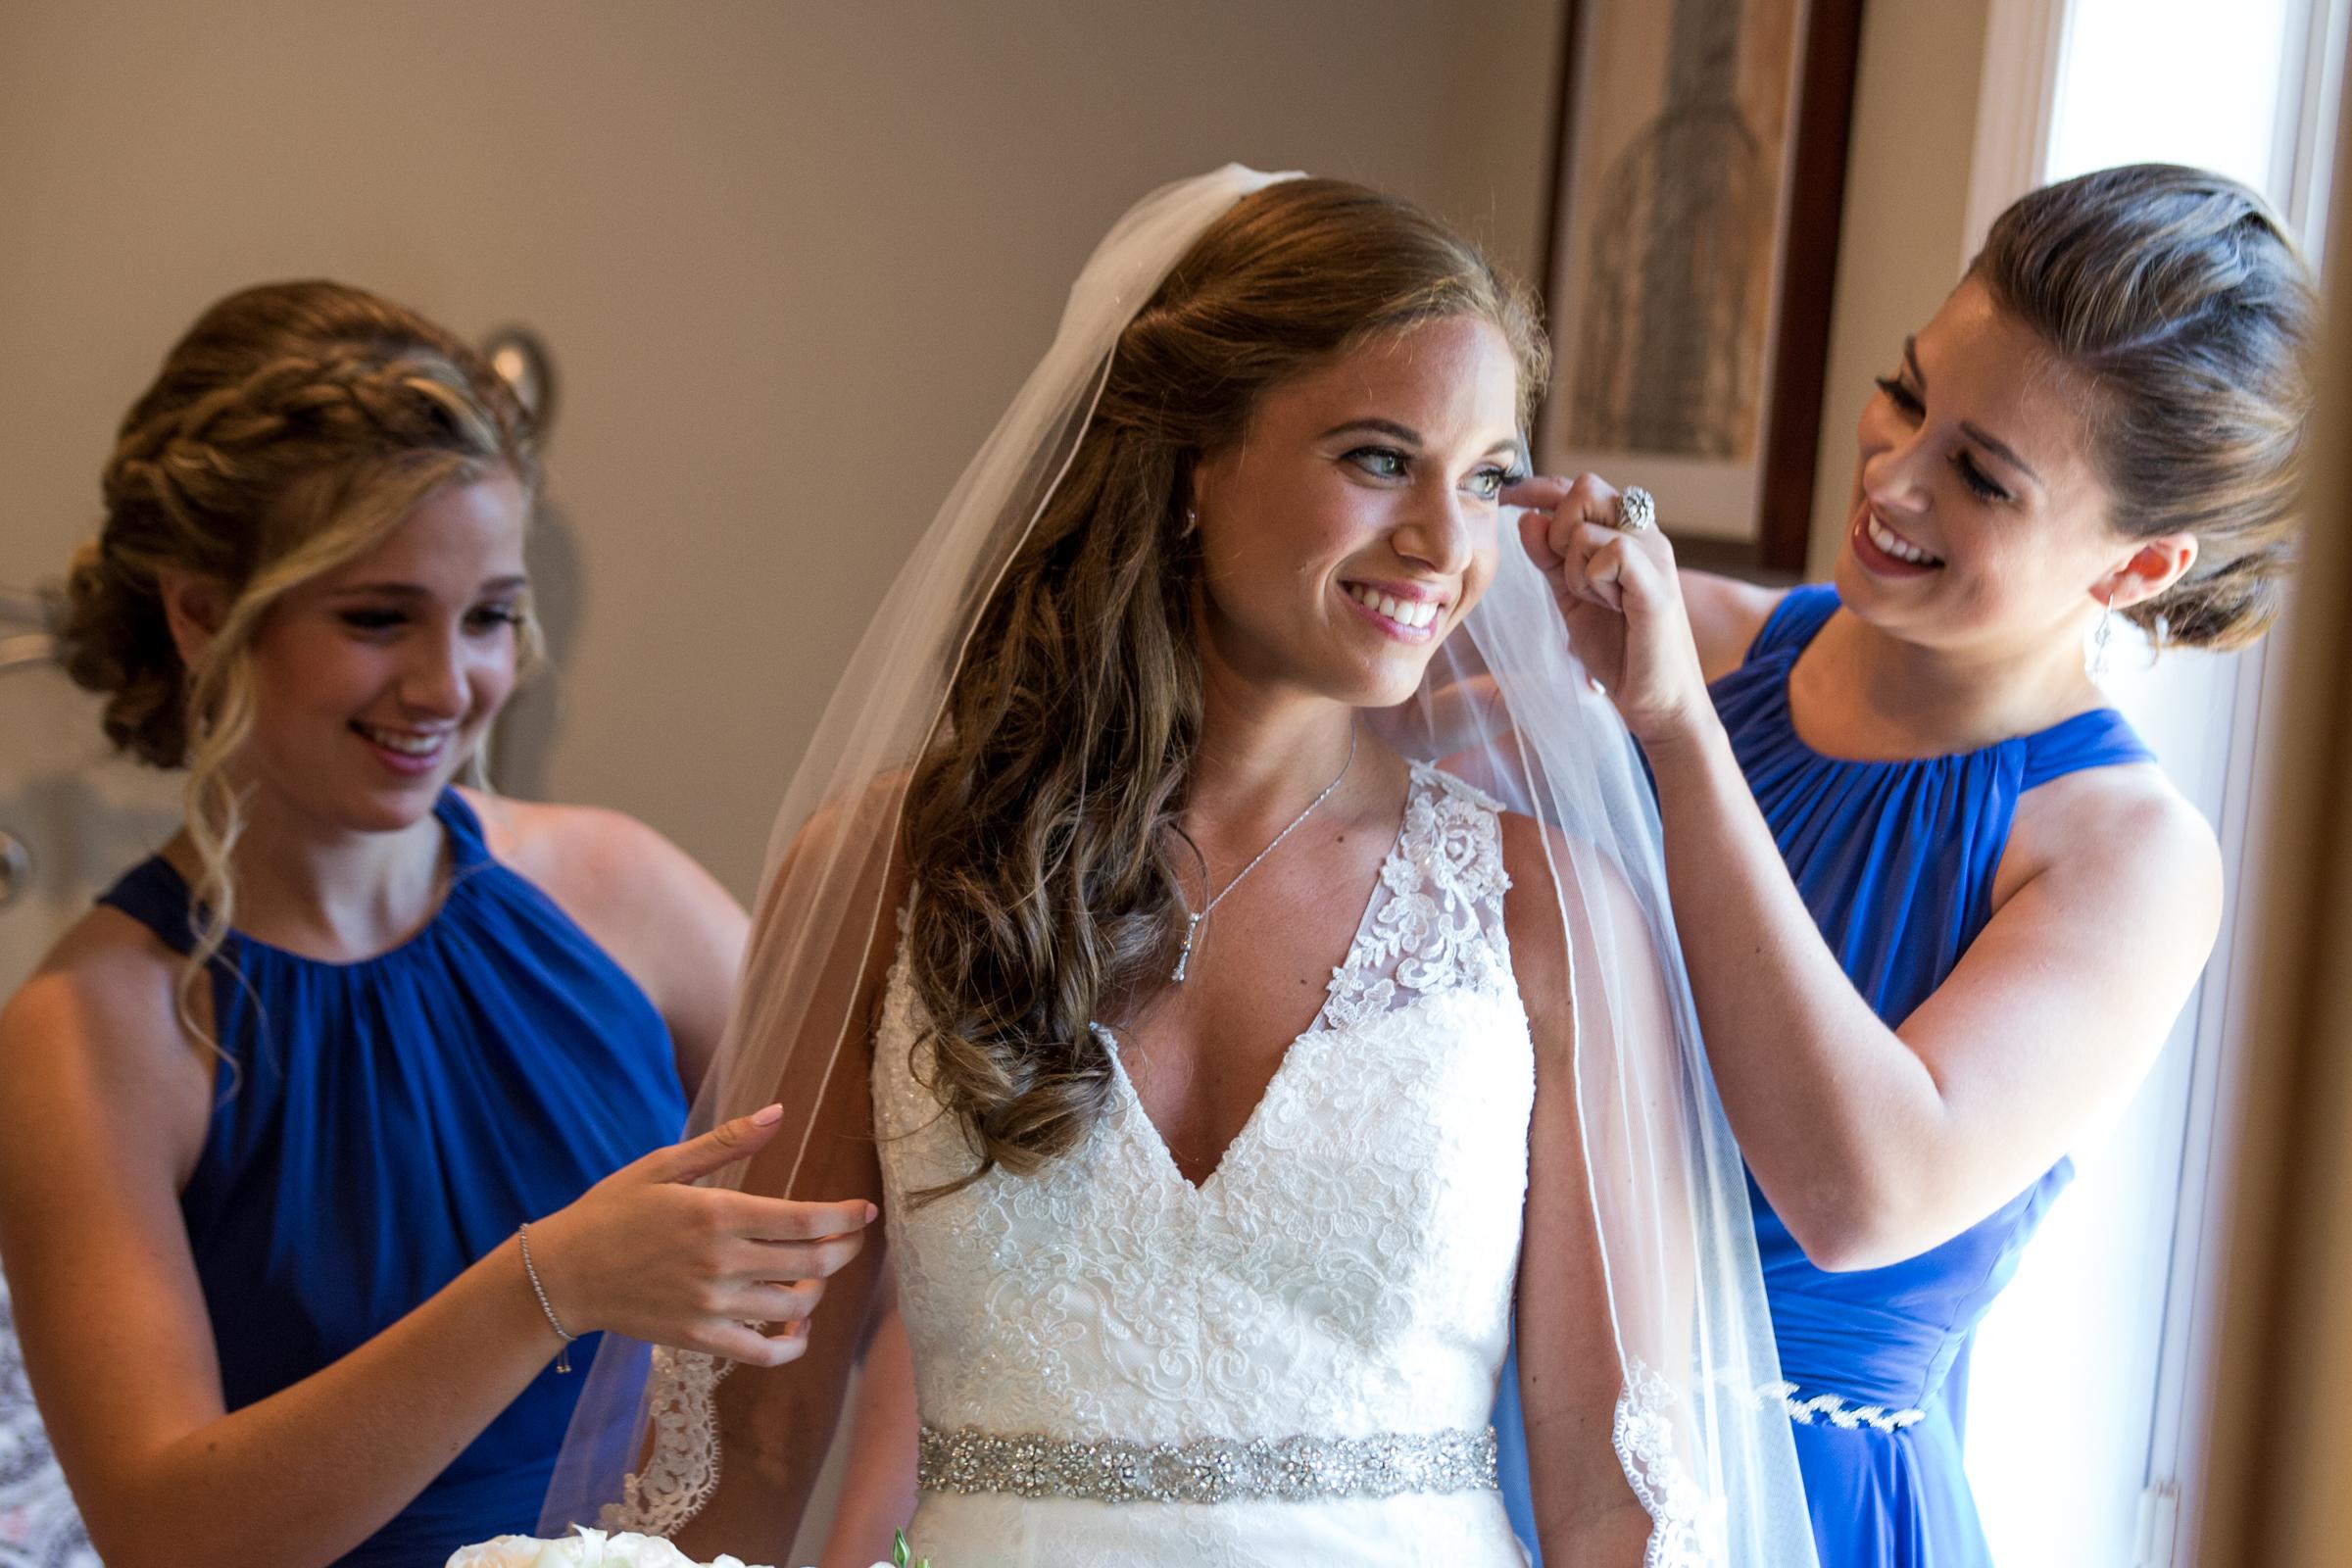 trump-national-golf-course-photos-bride-wedding